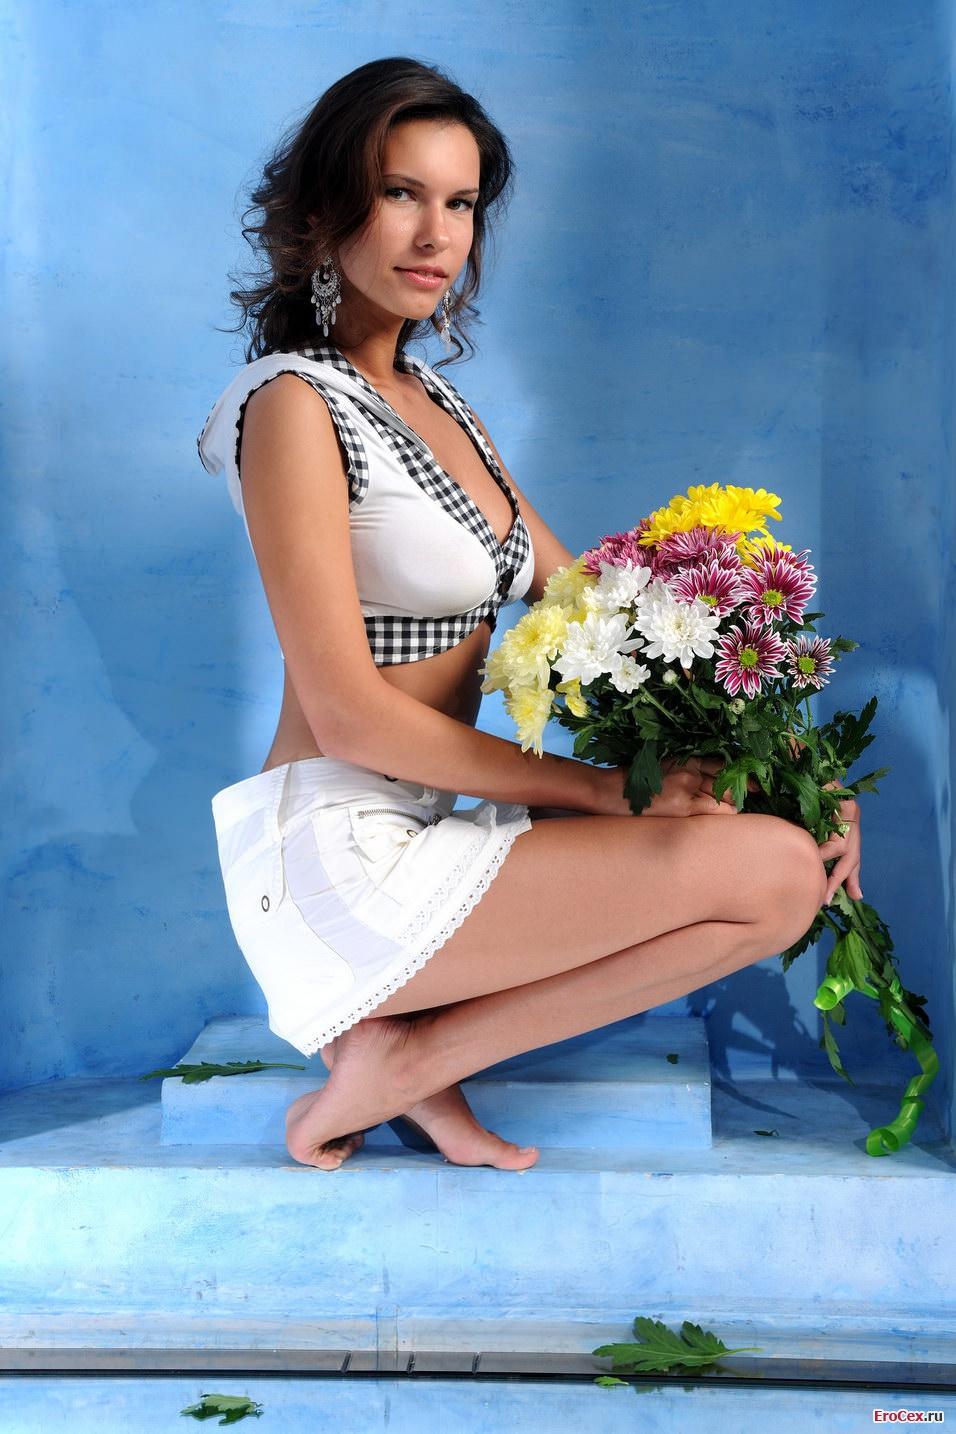 Сексуальная девушка с цветами